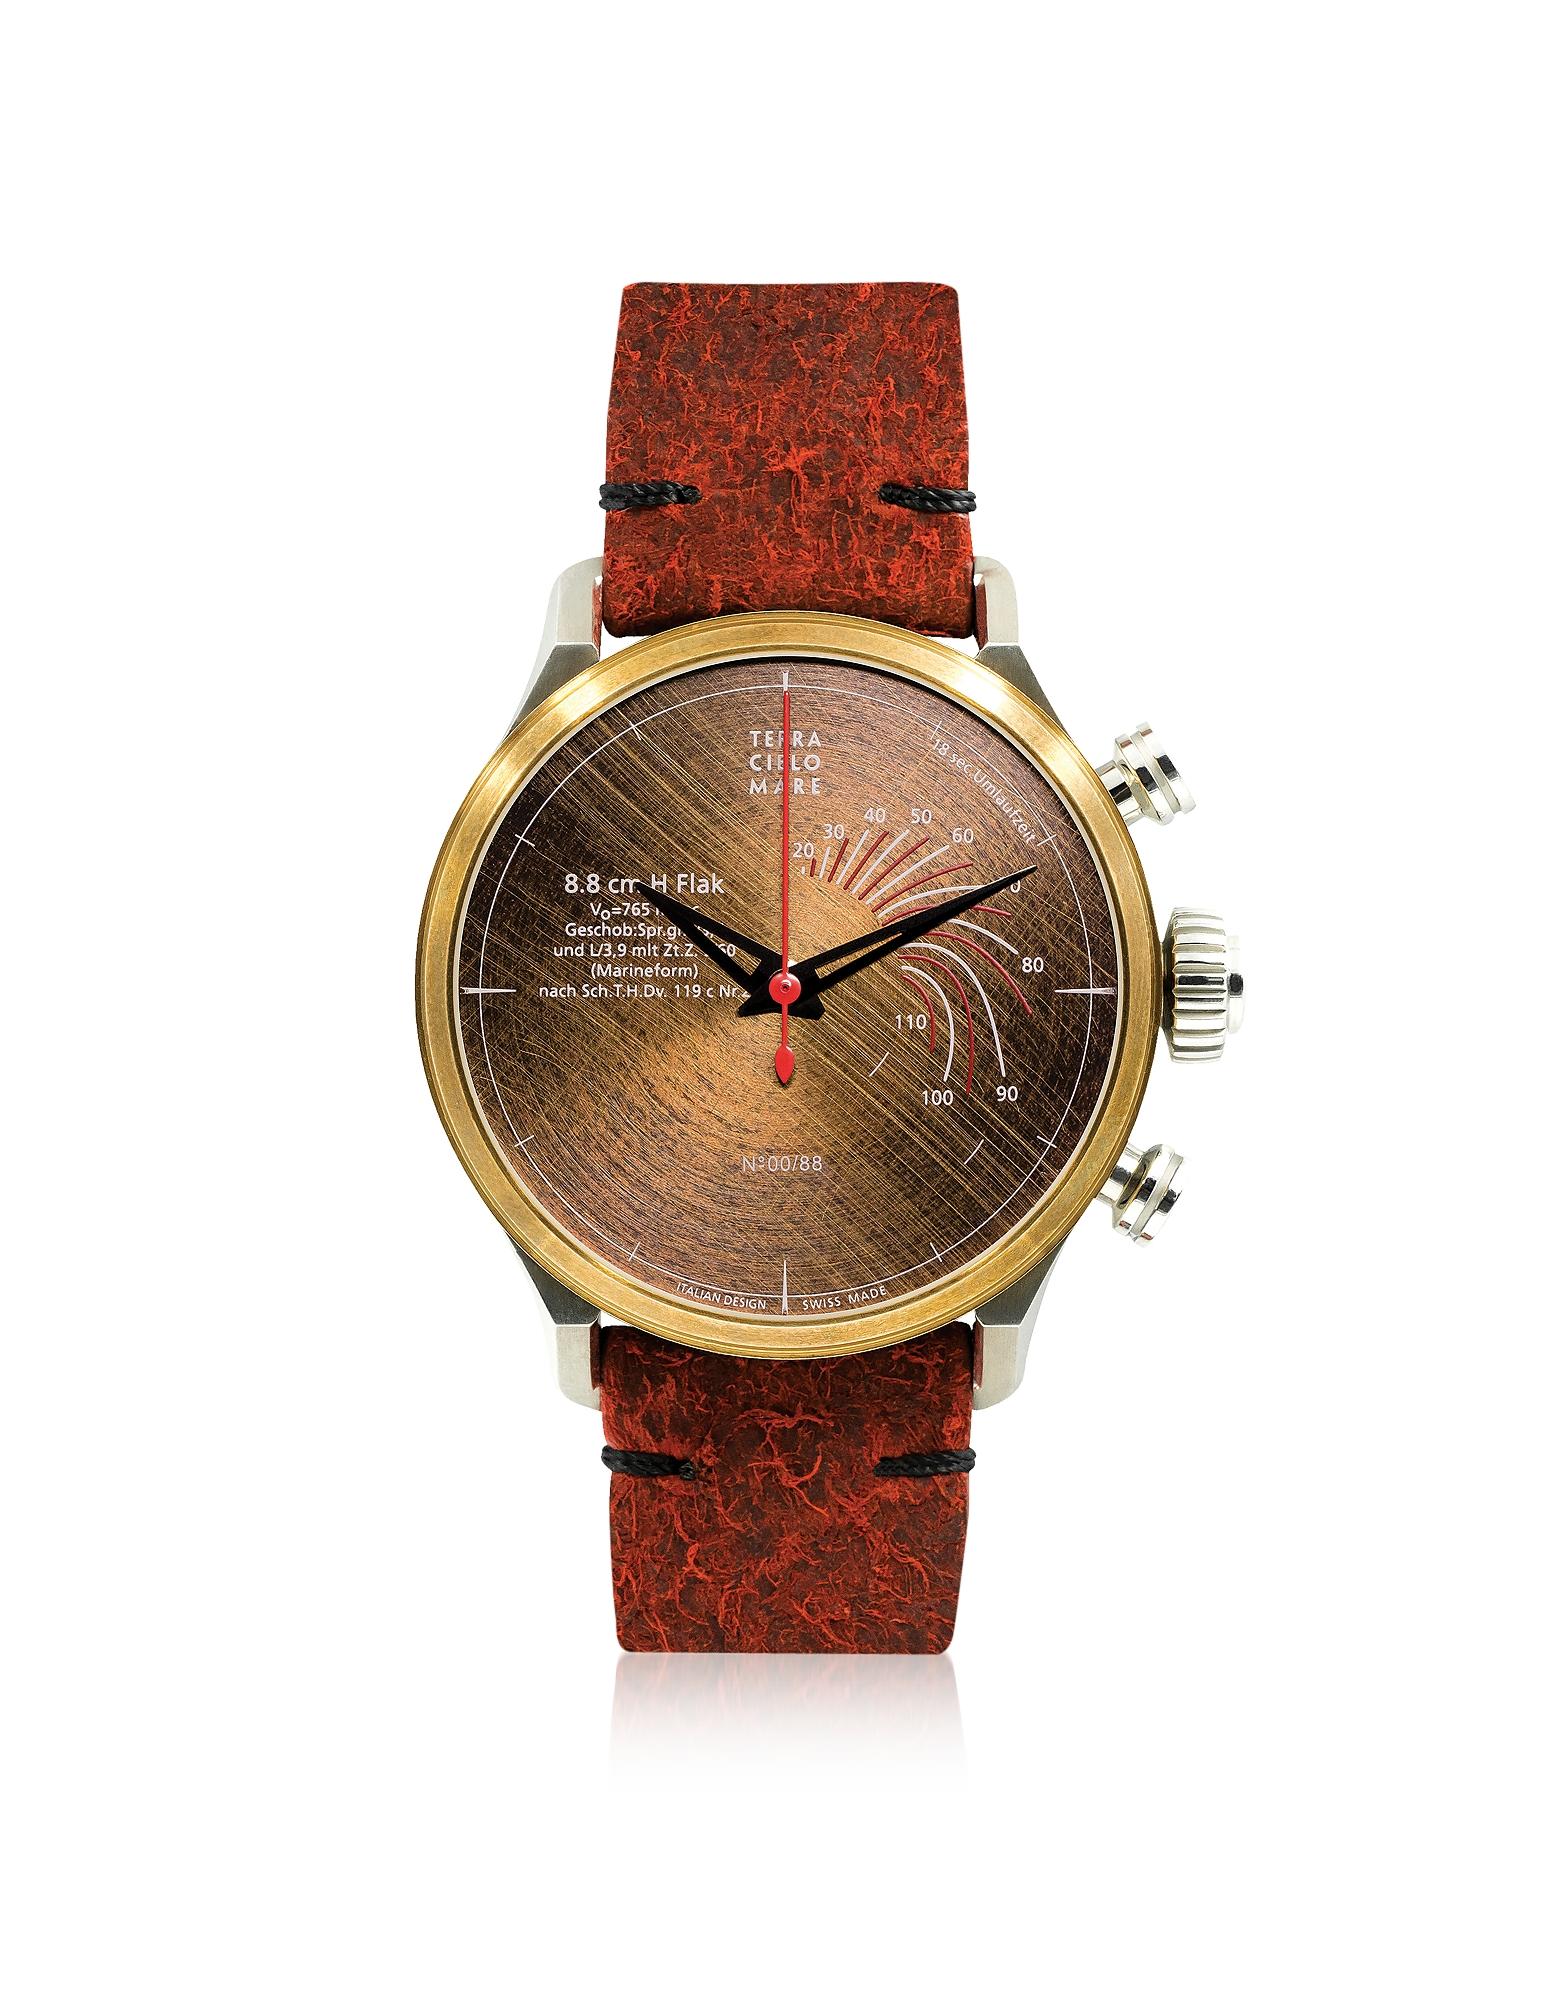 Flak 88 Watch